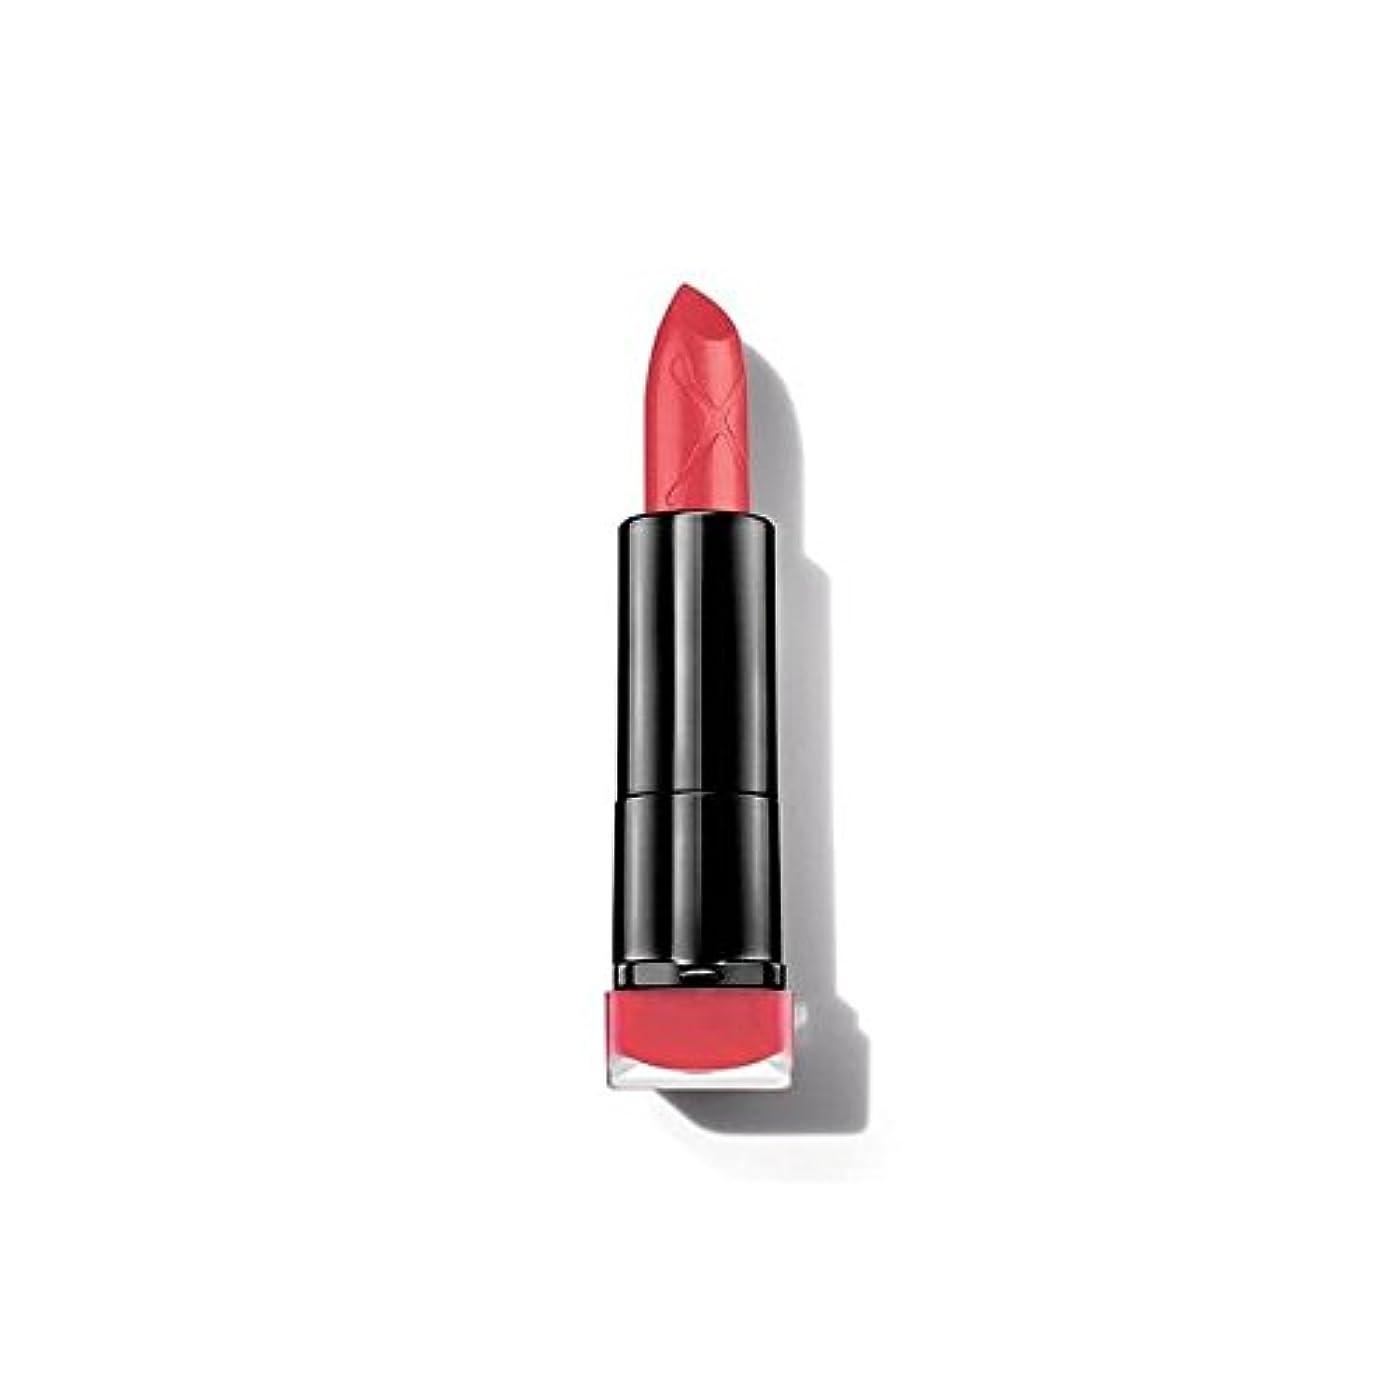 腐ったショッキングパーチナシティMax Factor Colour Elixir Matte Bullet Lipstick Flame 15 - マックスファクターカラーエリキシルマット弾丸口紅火炎15 [並行輸入品]